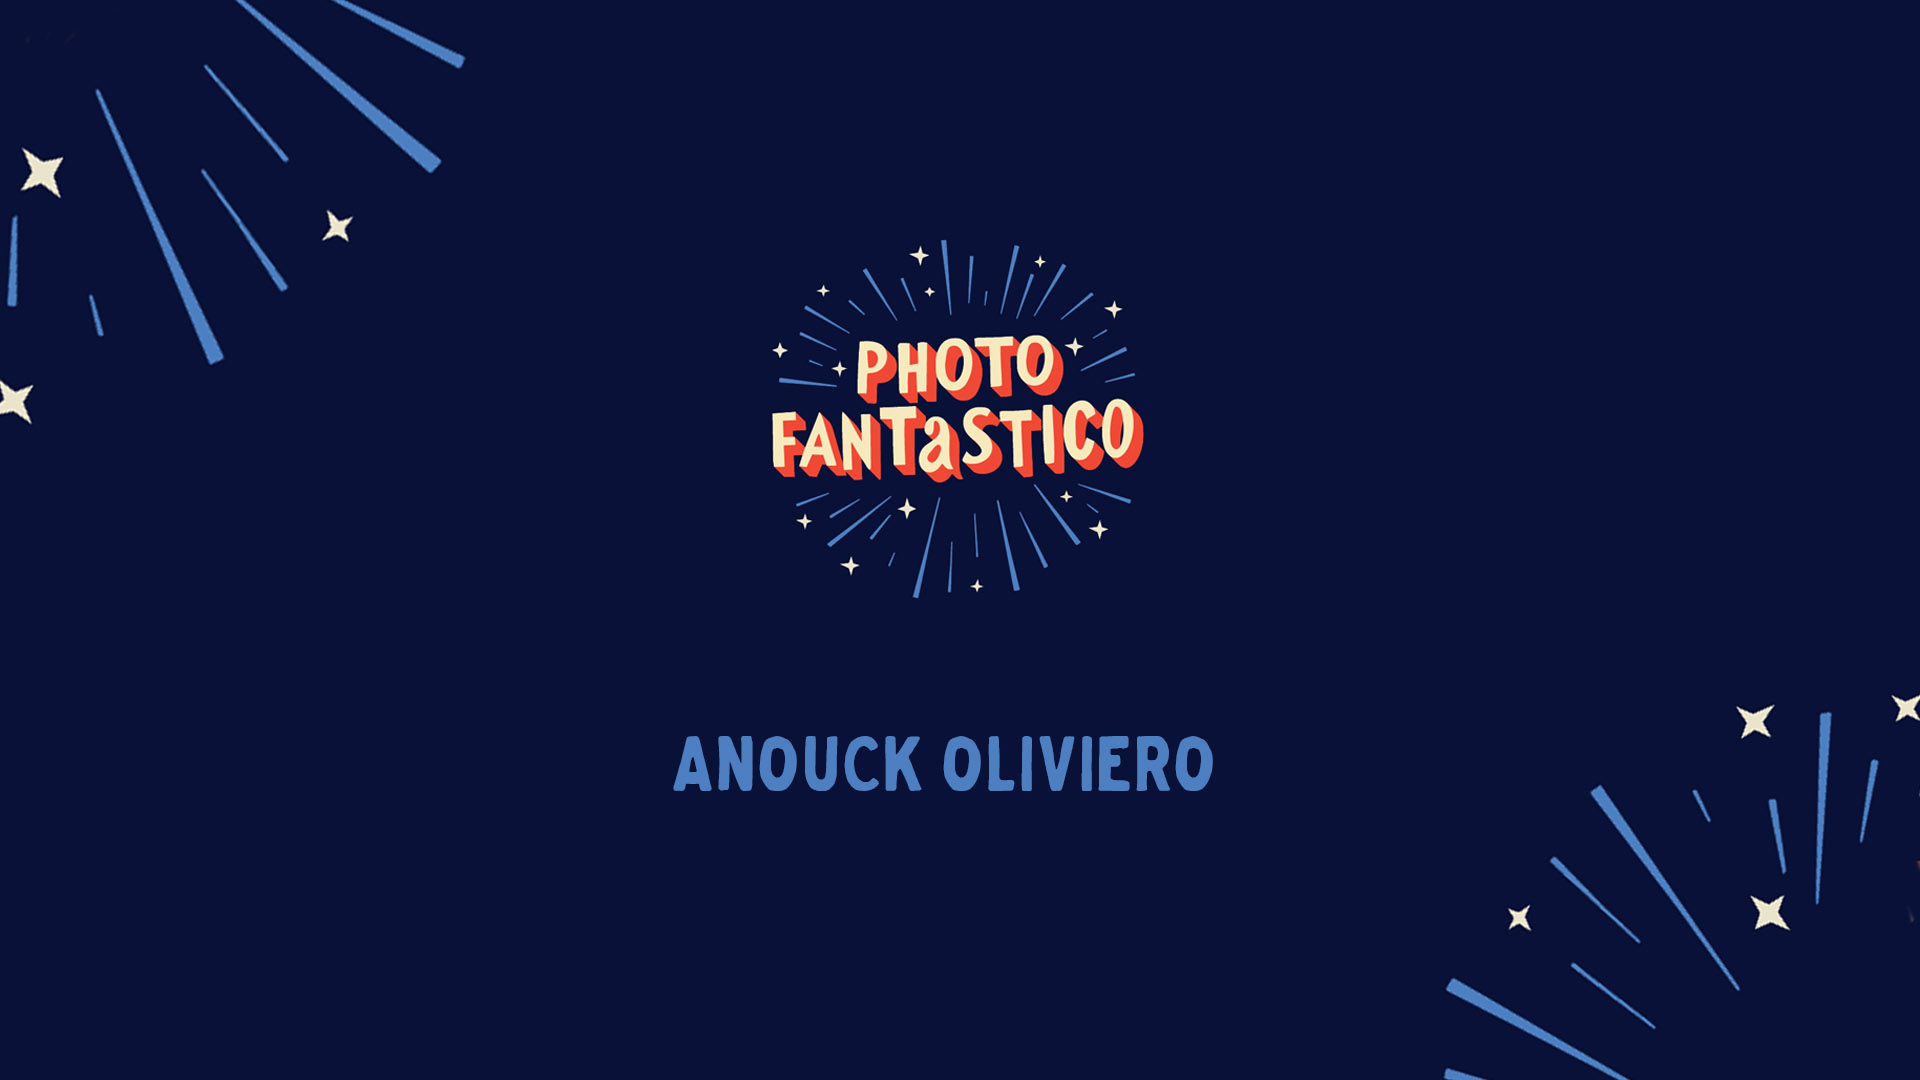 Anouck Oliviero